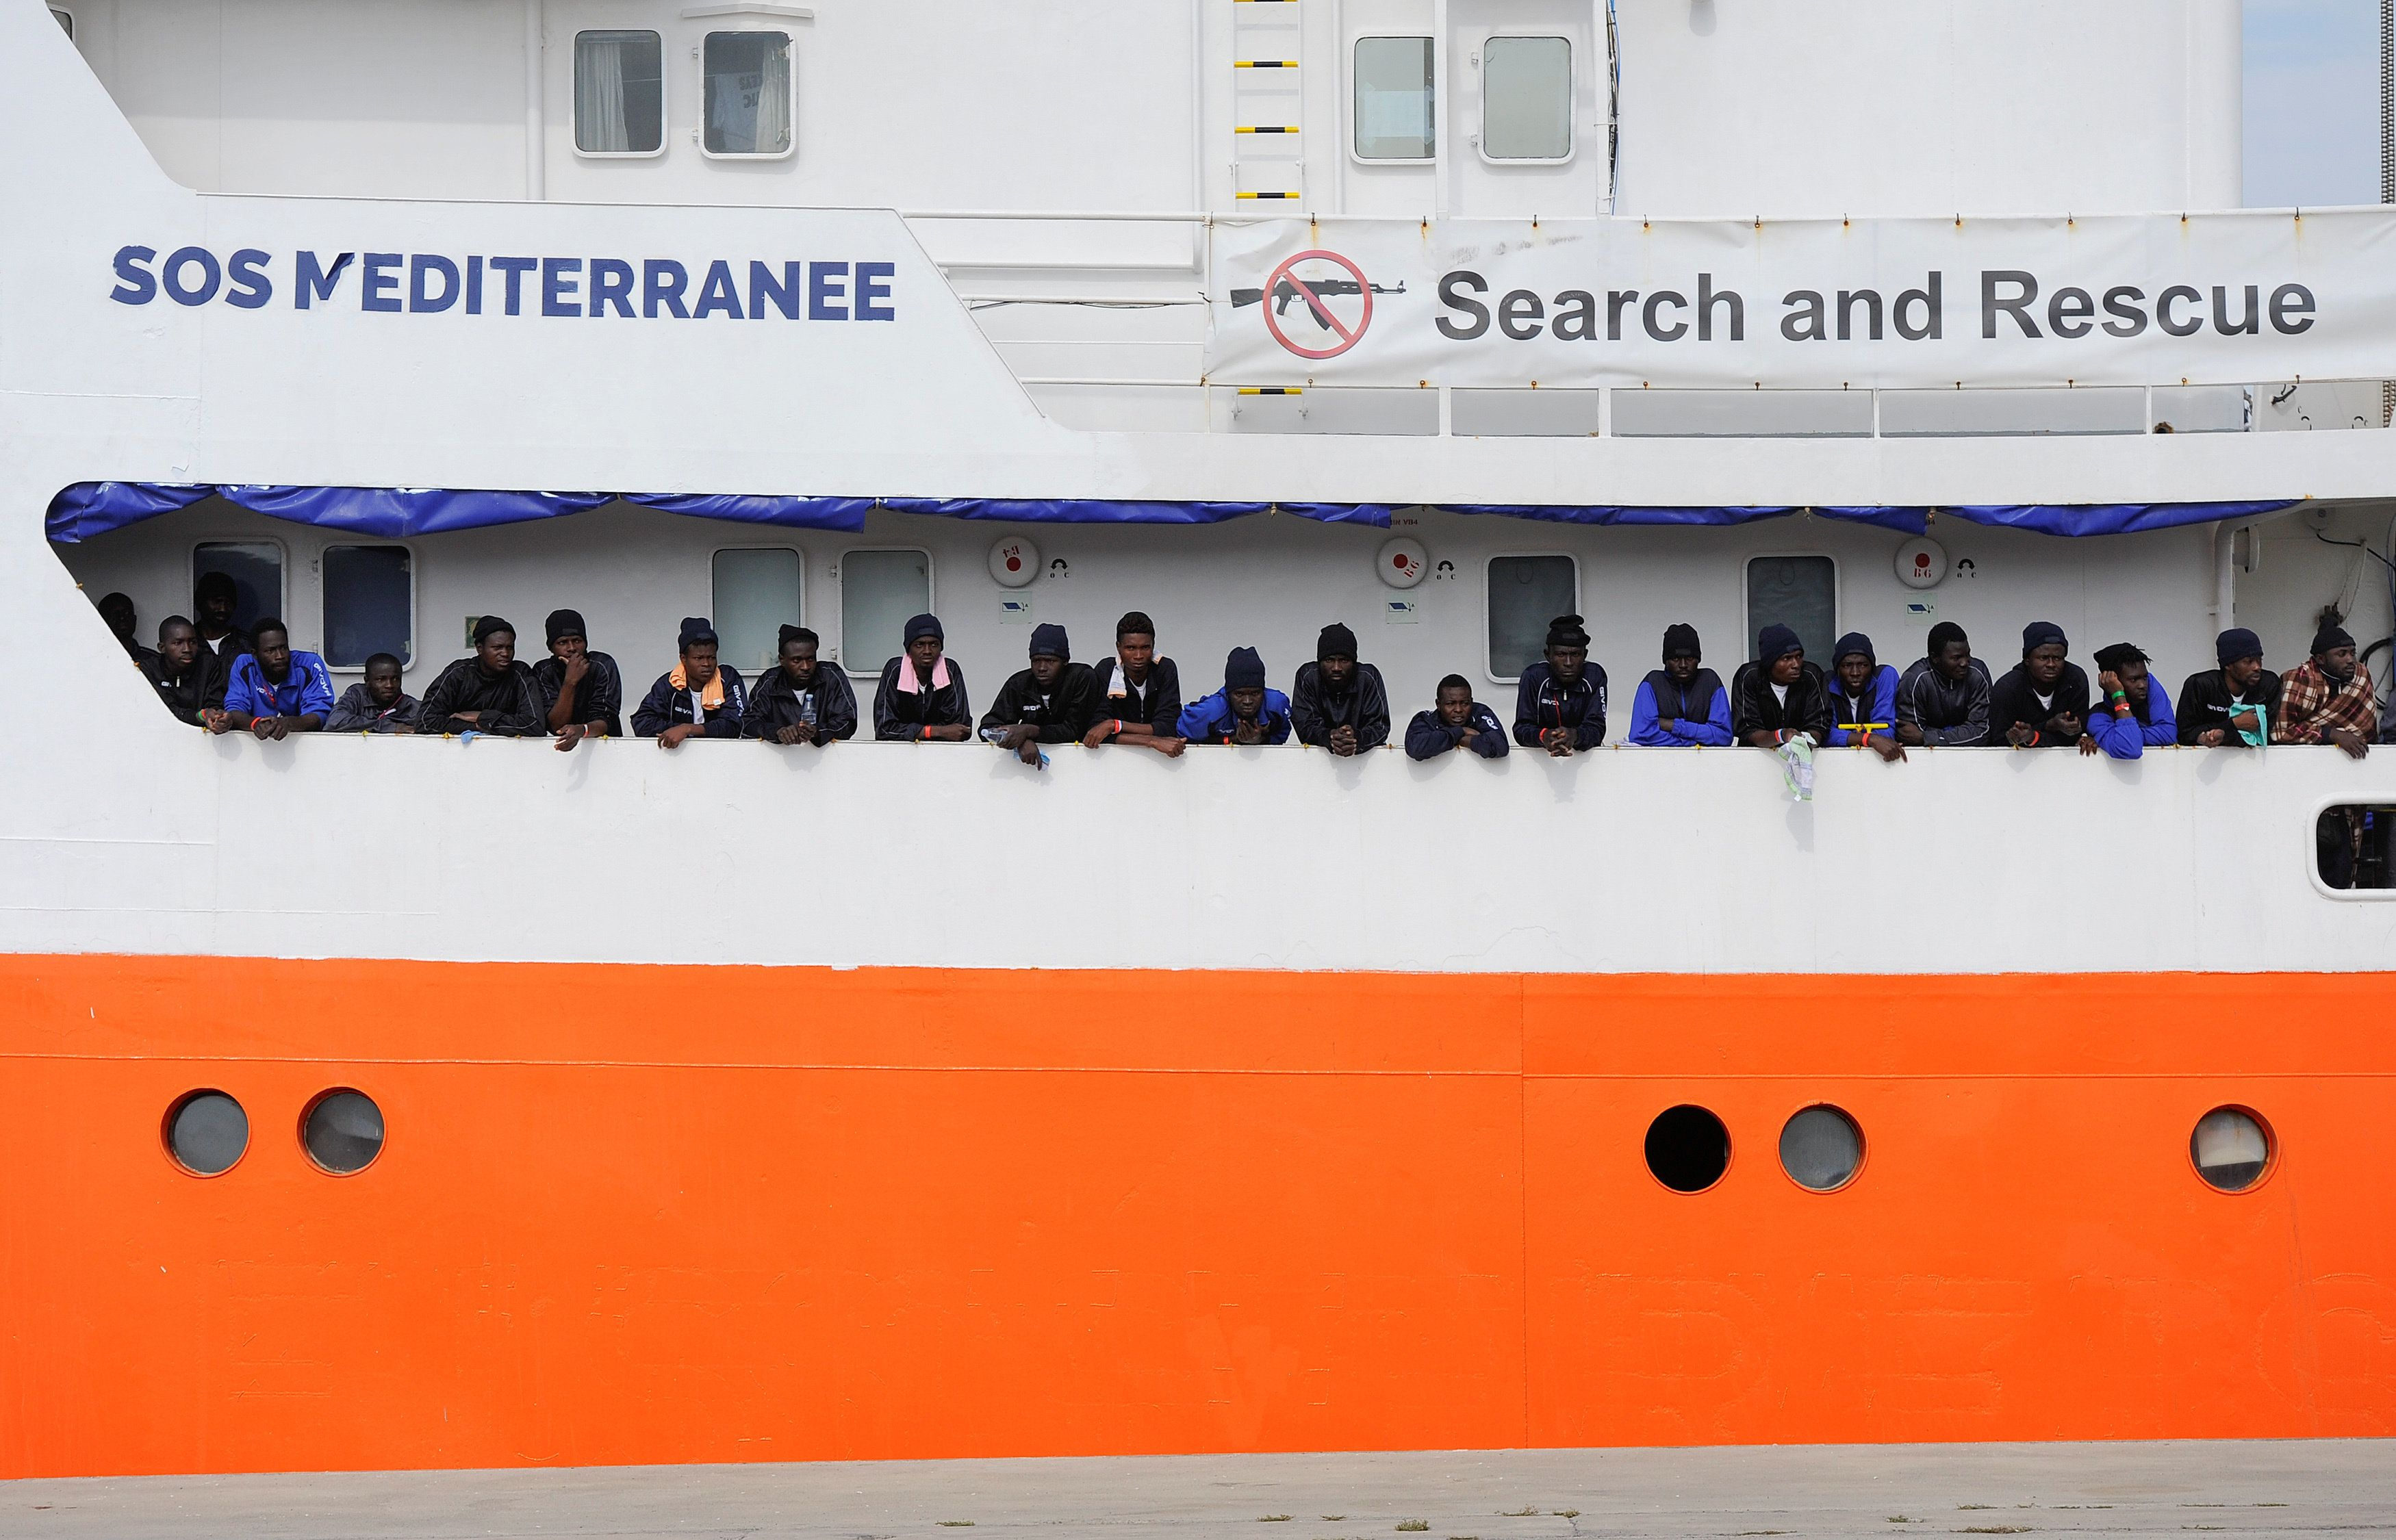 «Μπαλάκι» το Aquarius με τους 629 πρόσφυγες μεταξύ Ιταλίας και Μάλτας